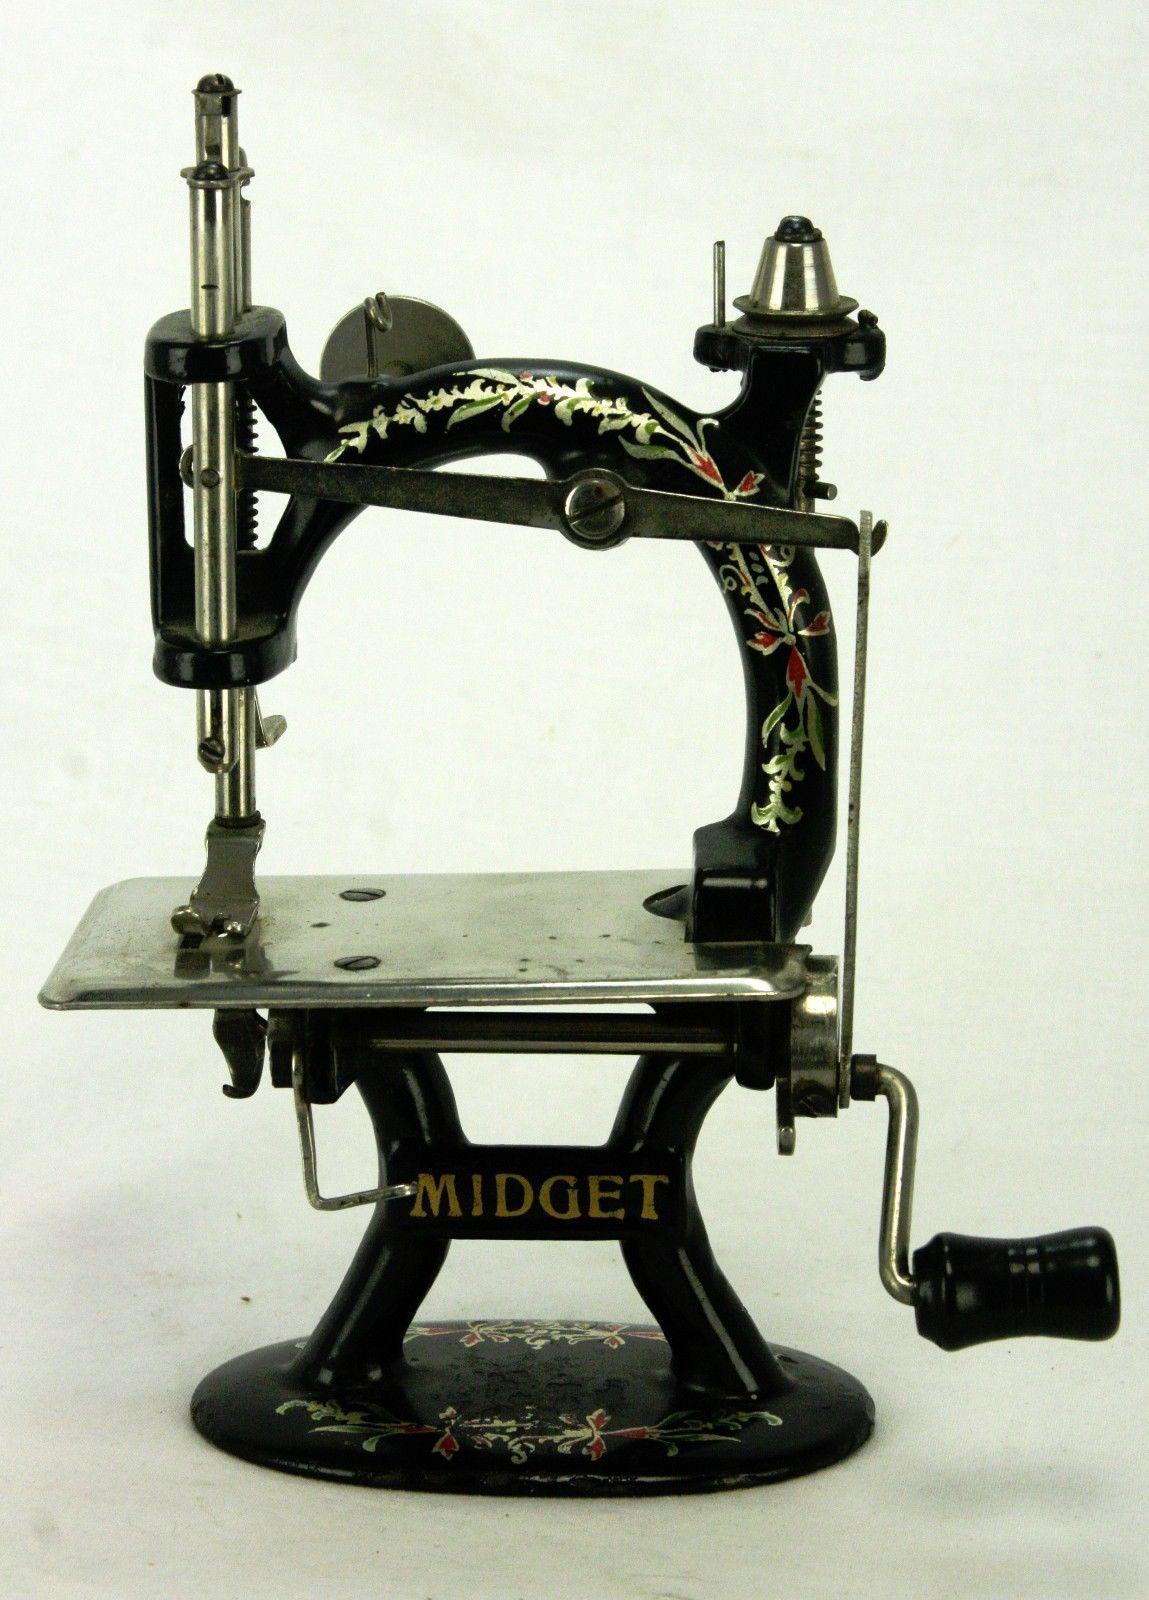 Midget sewing machine